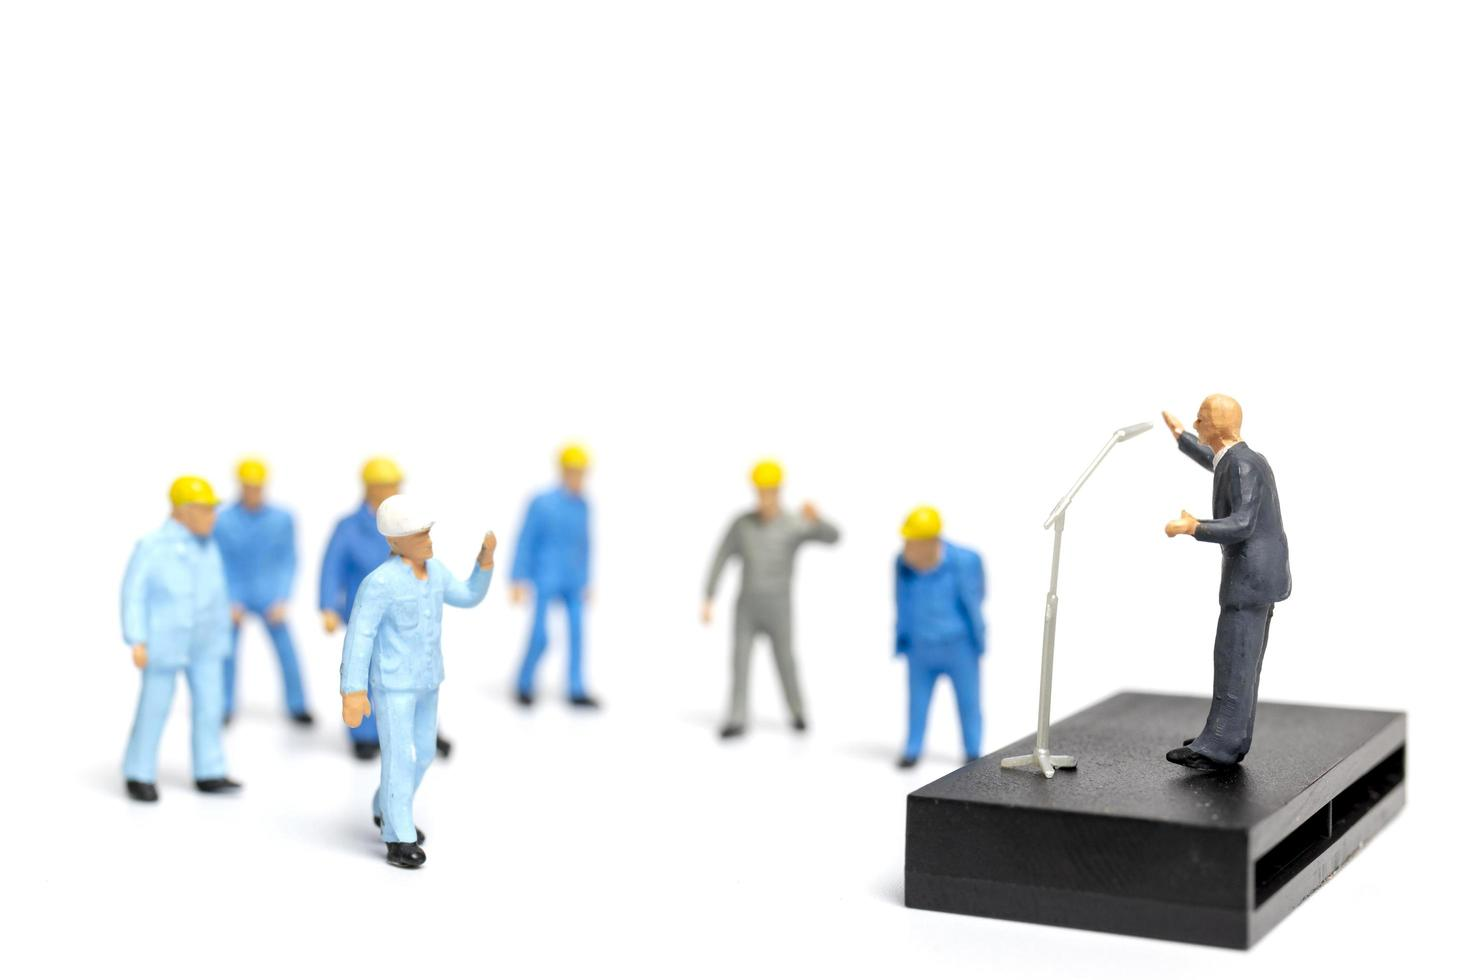 Personnes miniatures écoutant un politicien s'exprimant lors d'un rassemblement électoral photo